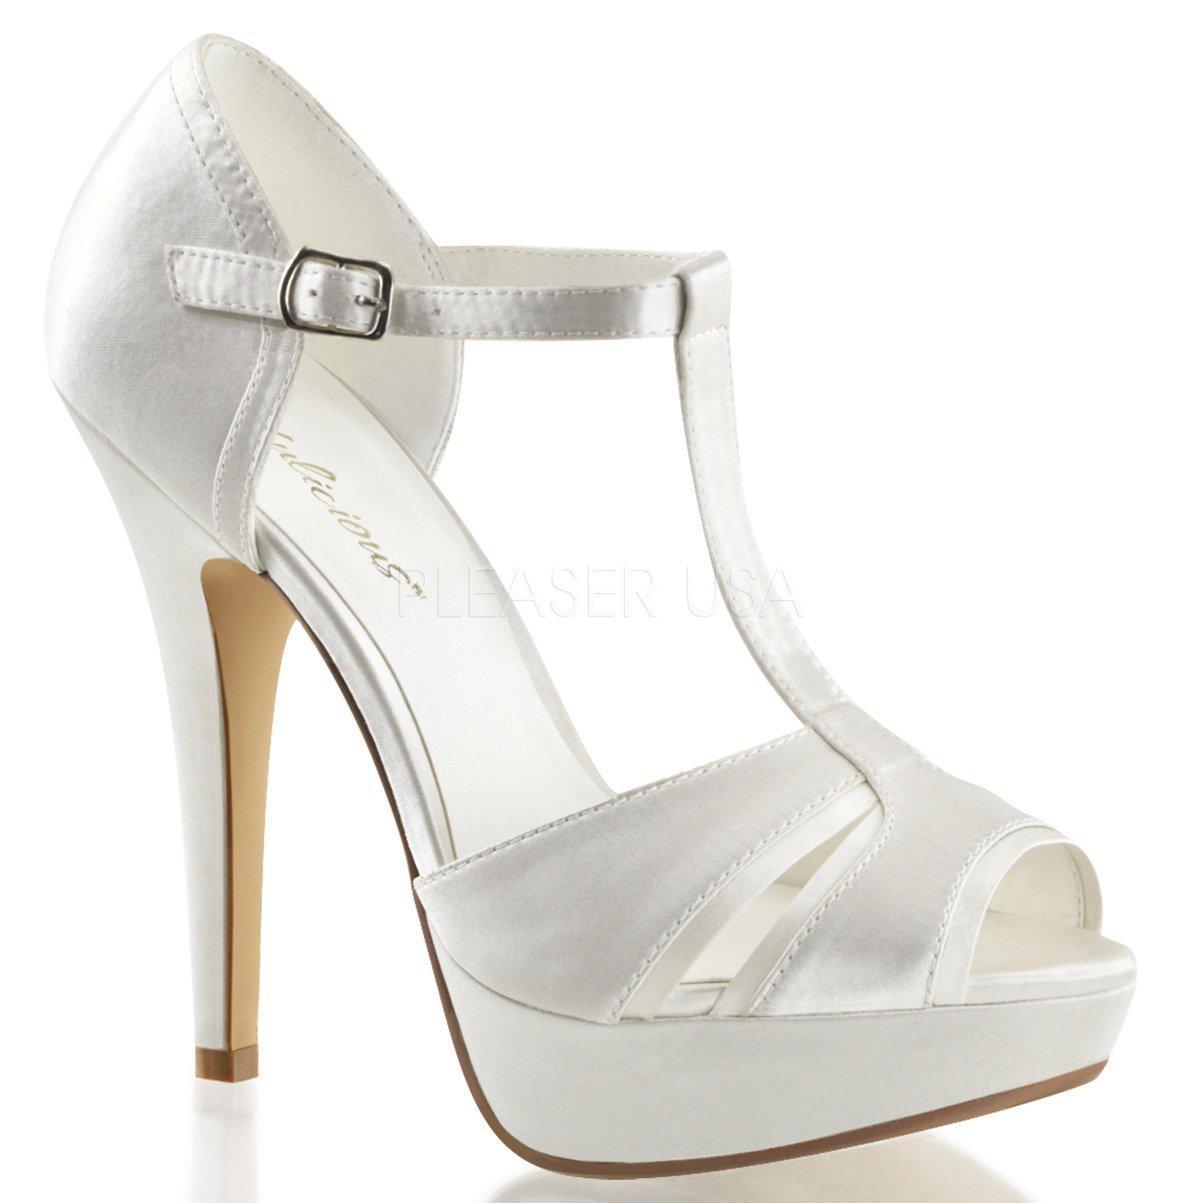 LOLITA-20 Smetanové dámské páskové boty na vysokém podpatku ... bfa63c8328